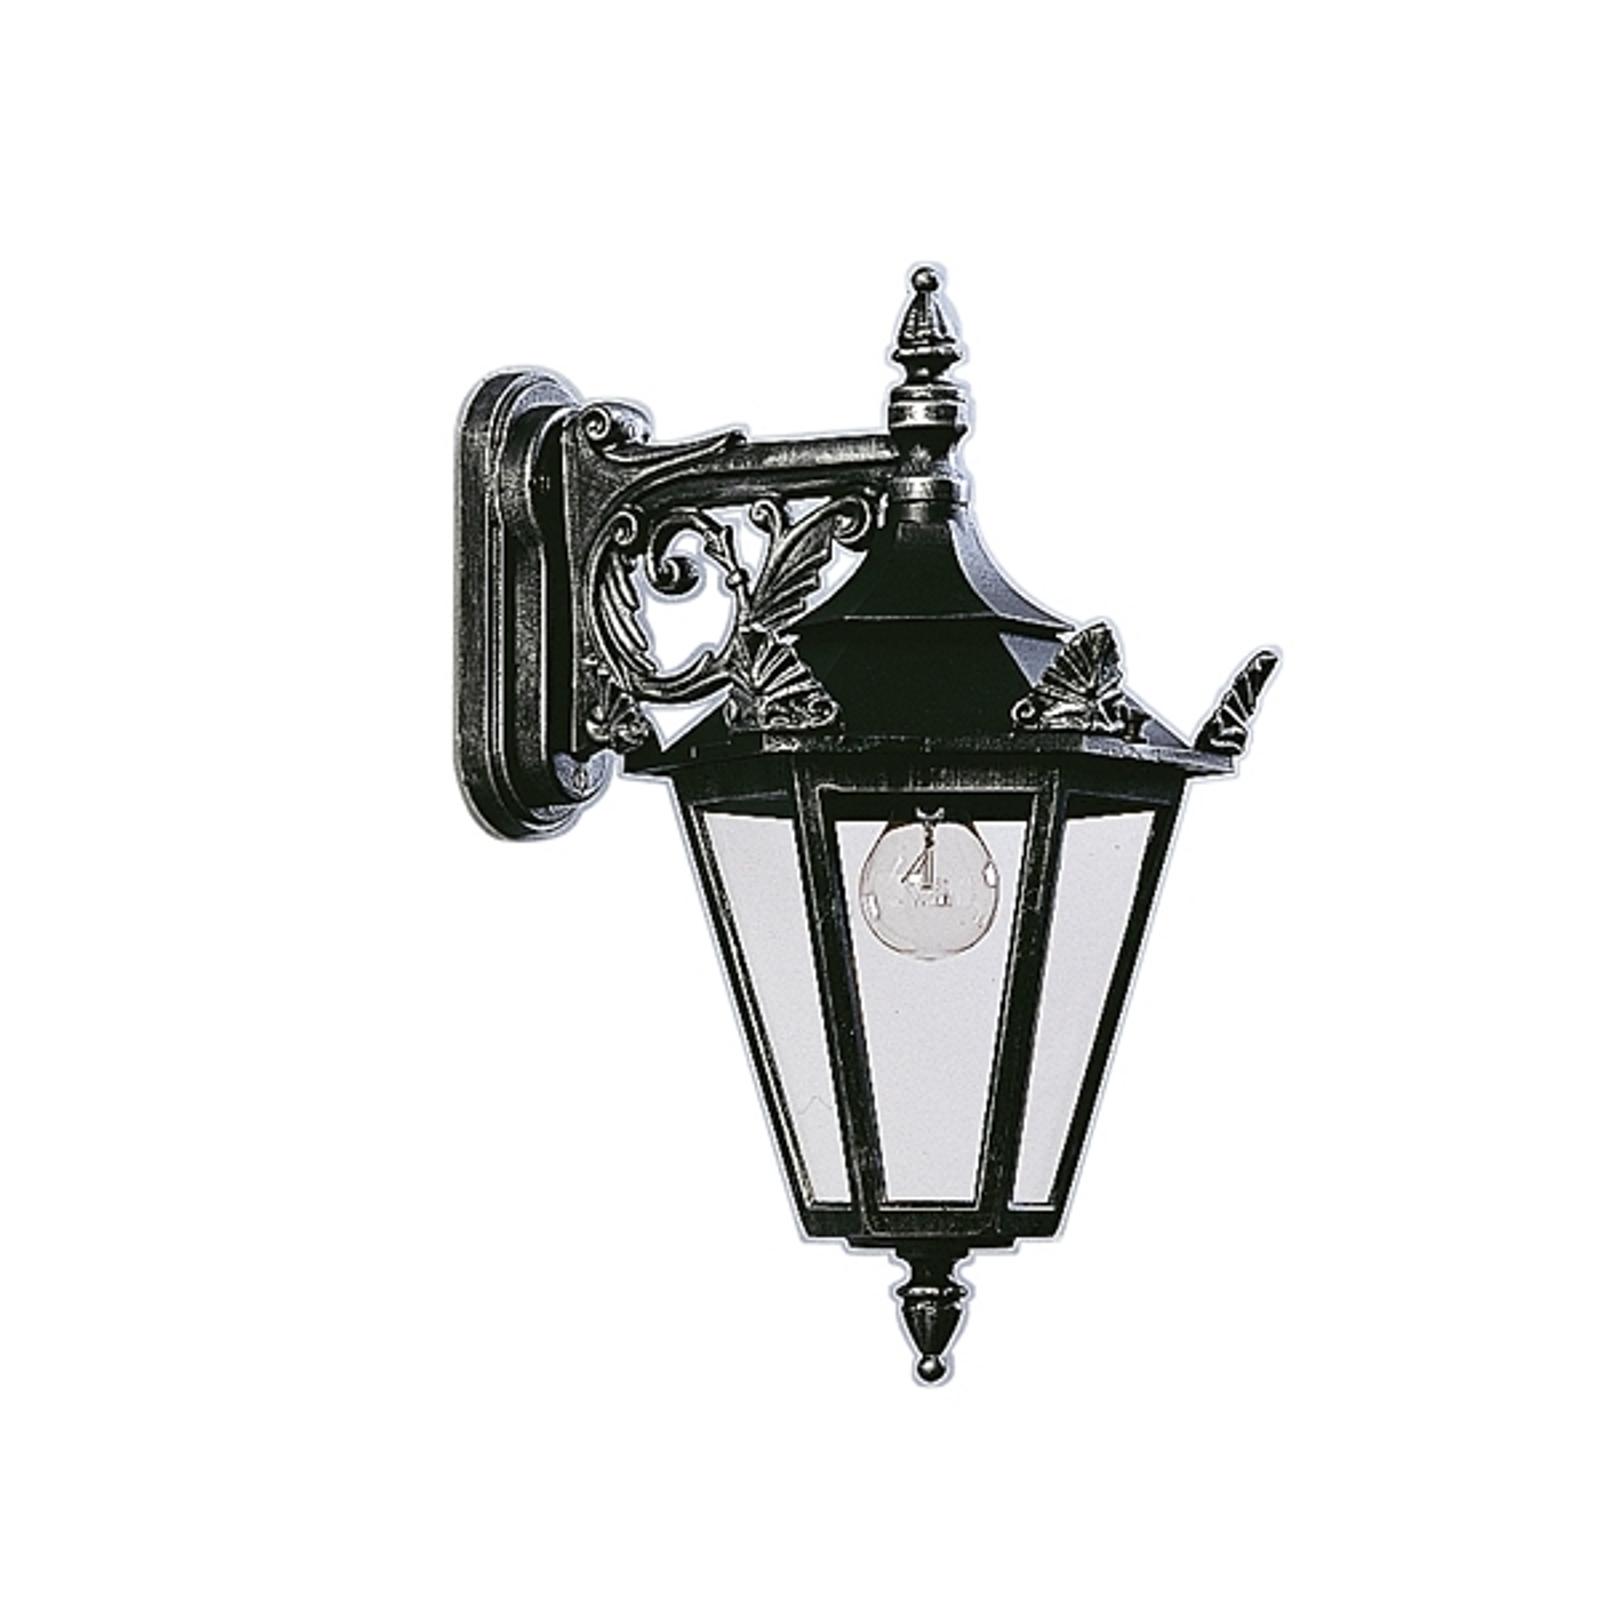 Buitenwandlamp in landhuisstijl 746 S